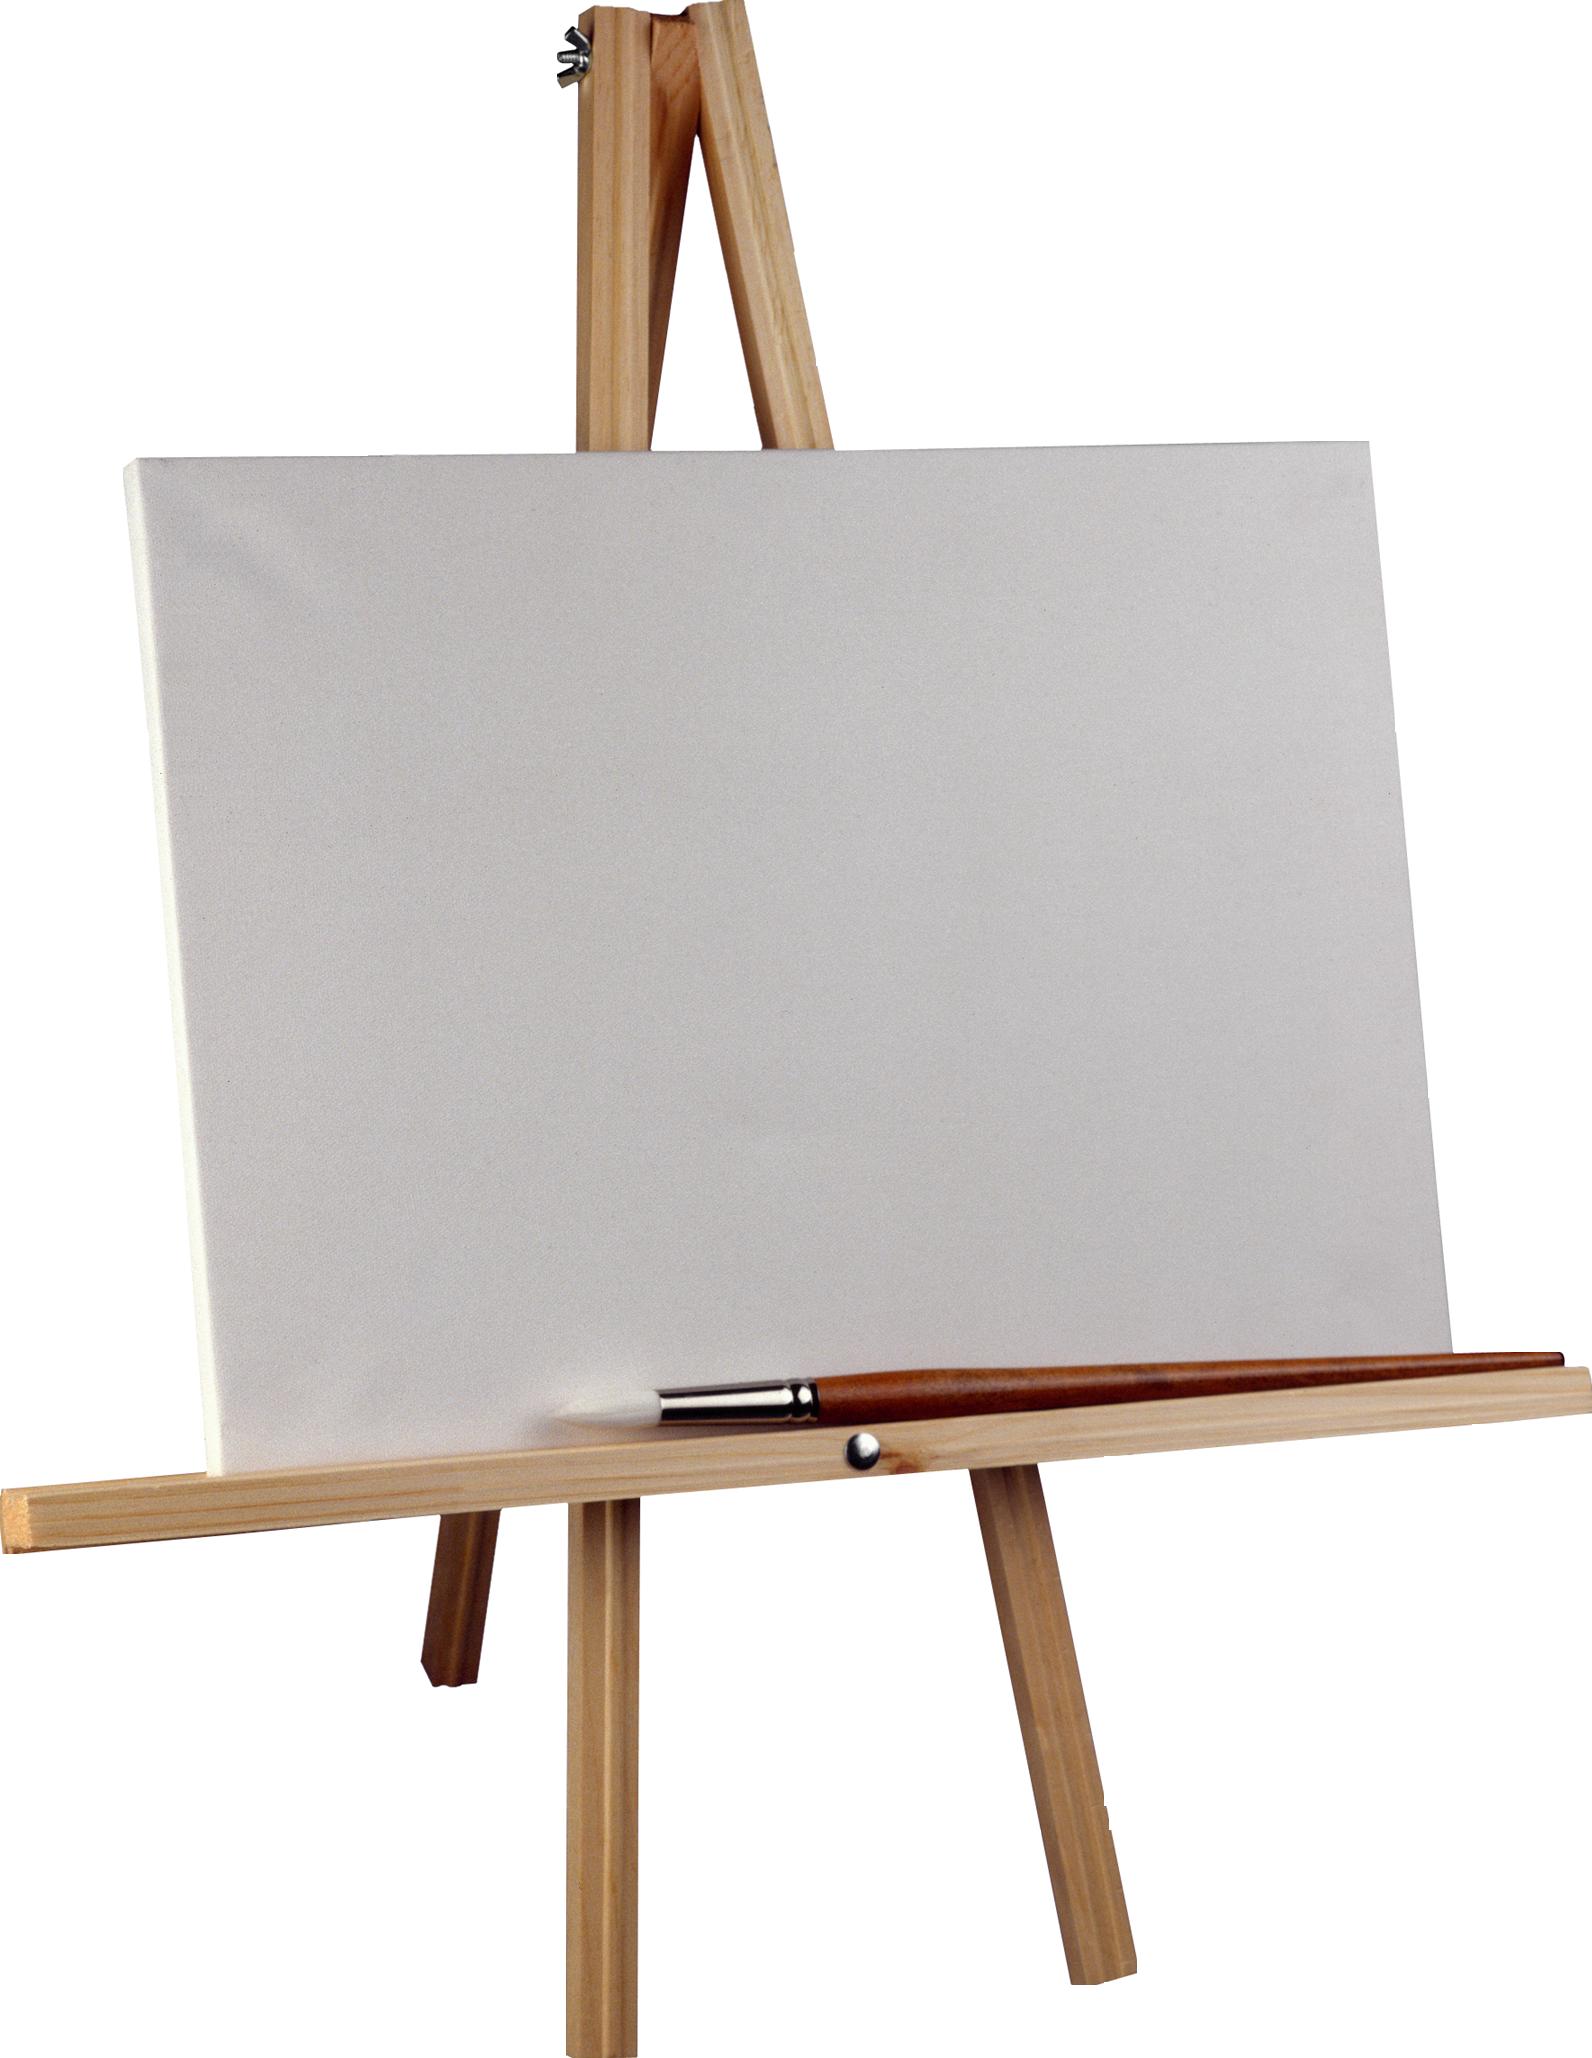 Подставка для открыток или картин в эко-стиле - Мастера рукоделия 35